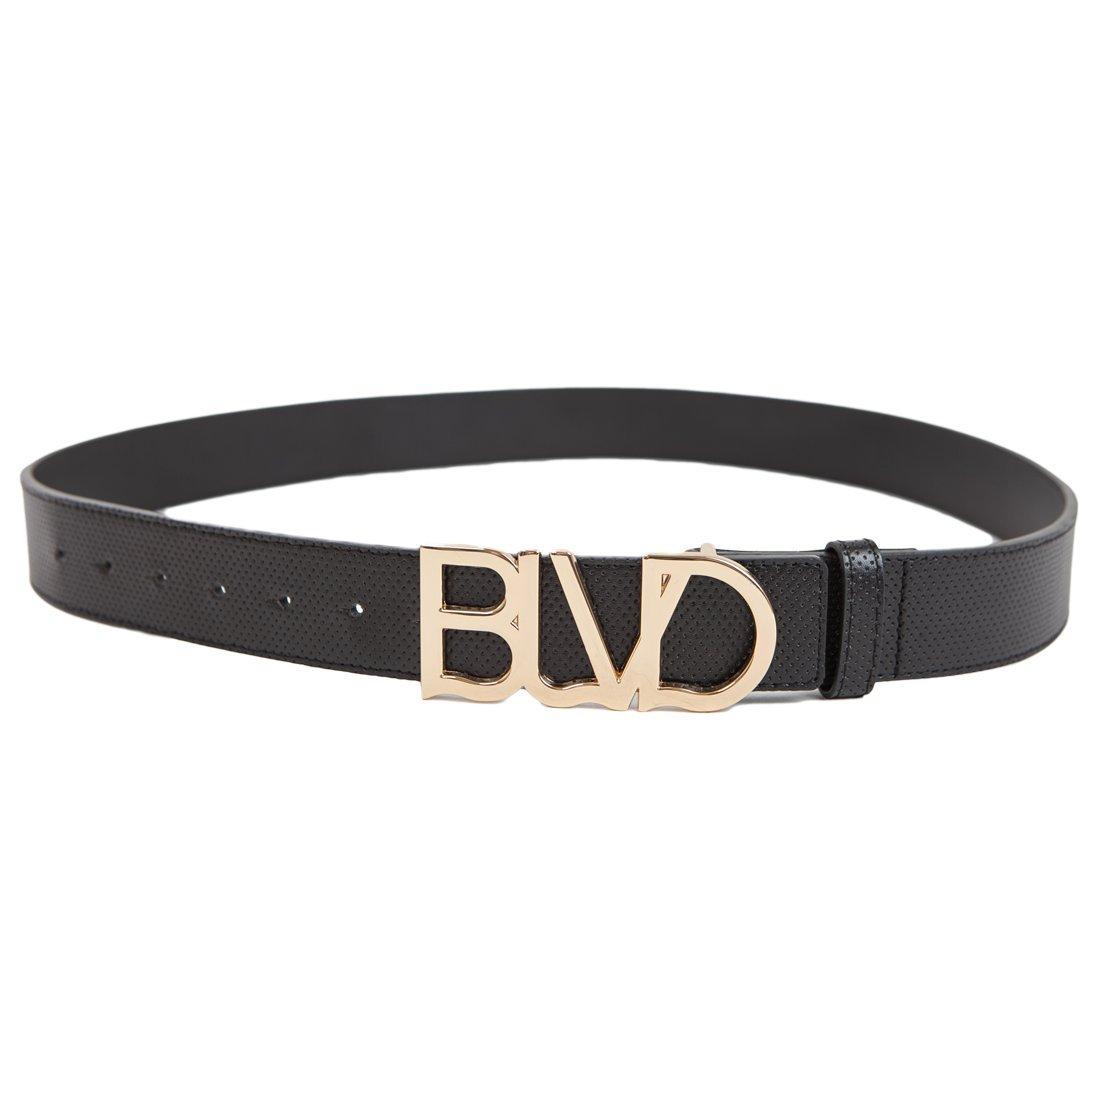 Blvd Supply Untouchable Belt